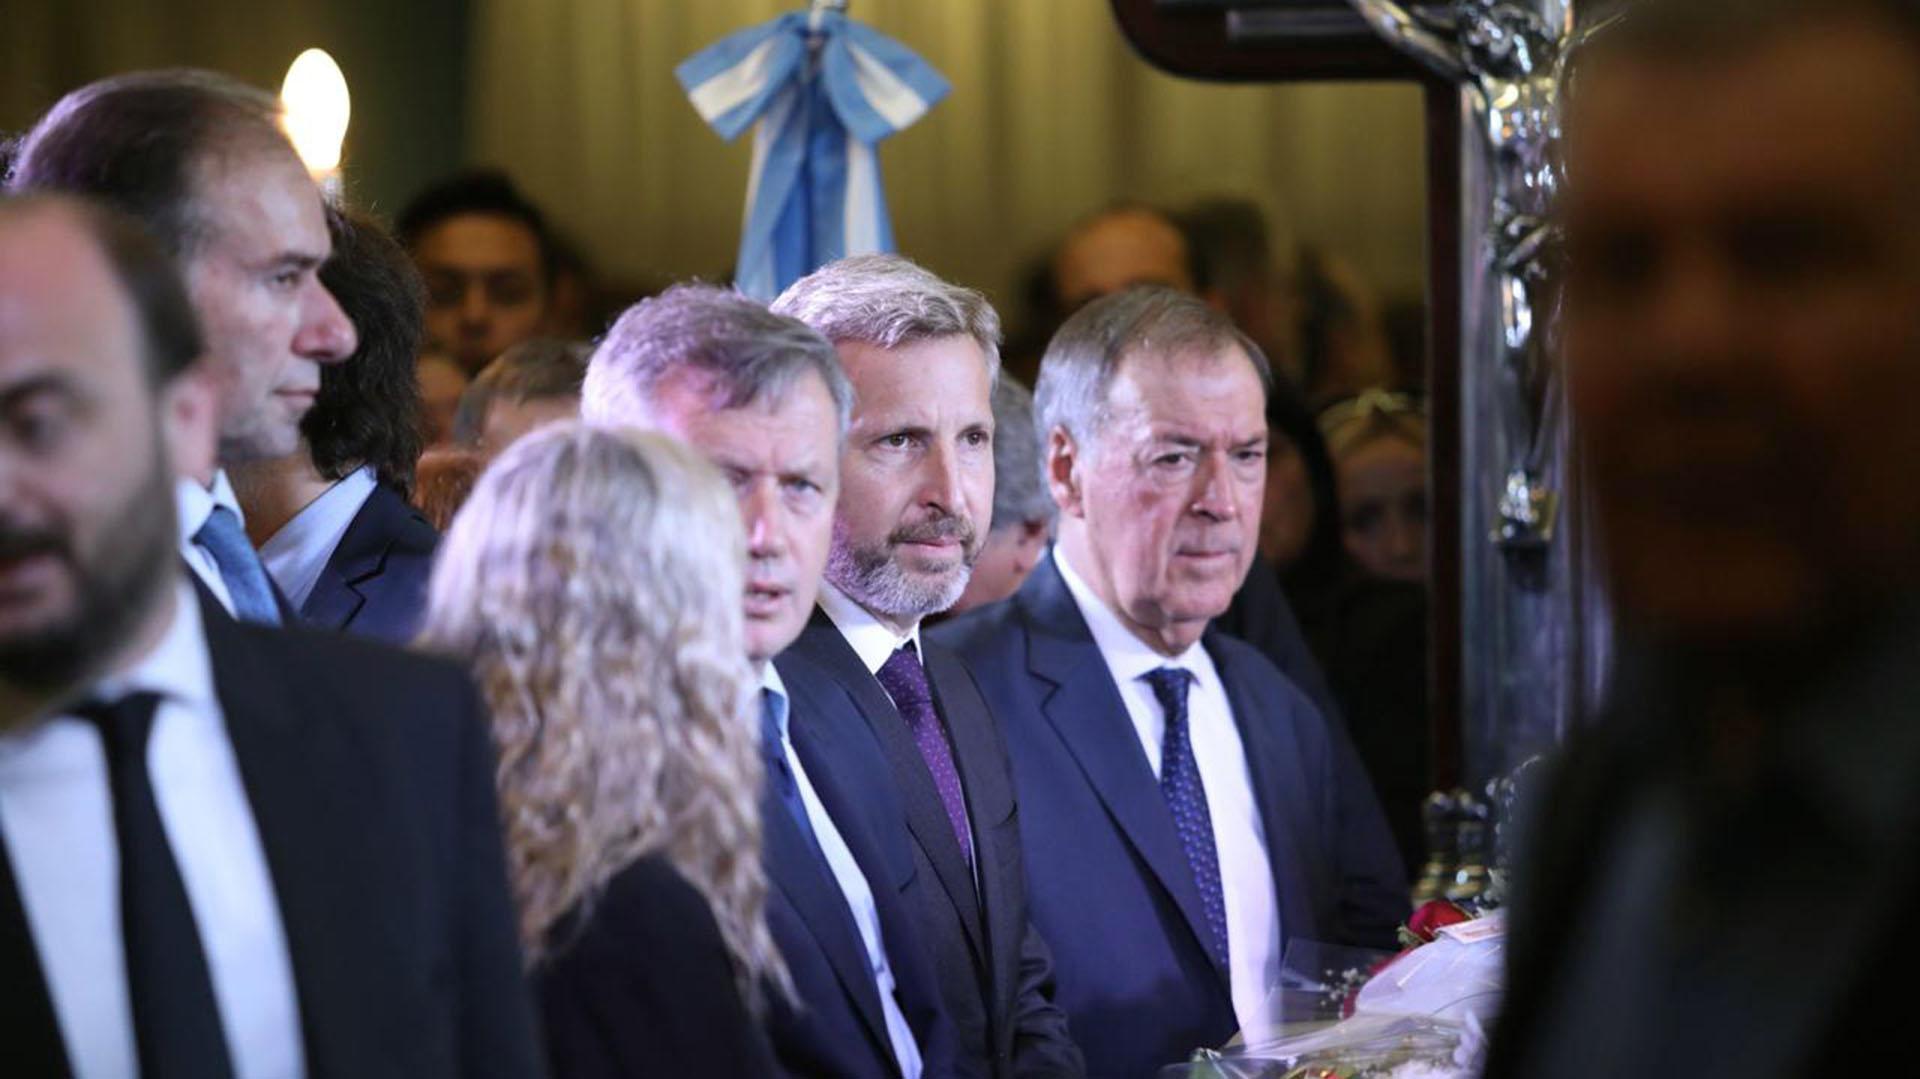 El ministro del Interior, Rogelio Frigerio, viajó en representación del presidente Mauricio Macri a los homenajes